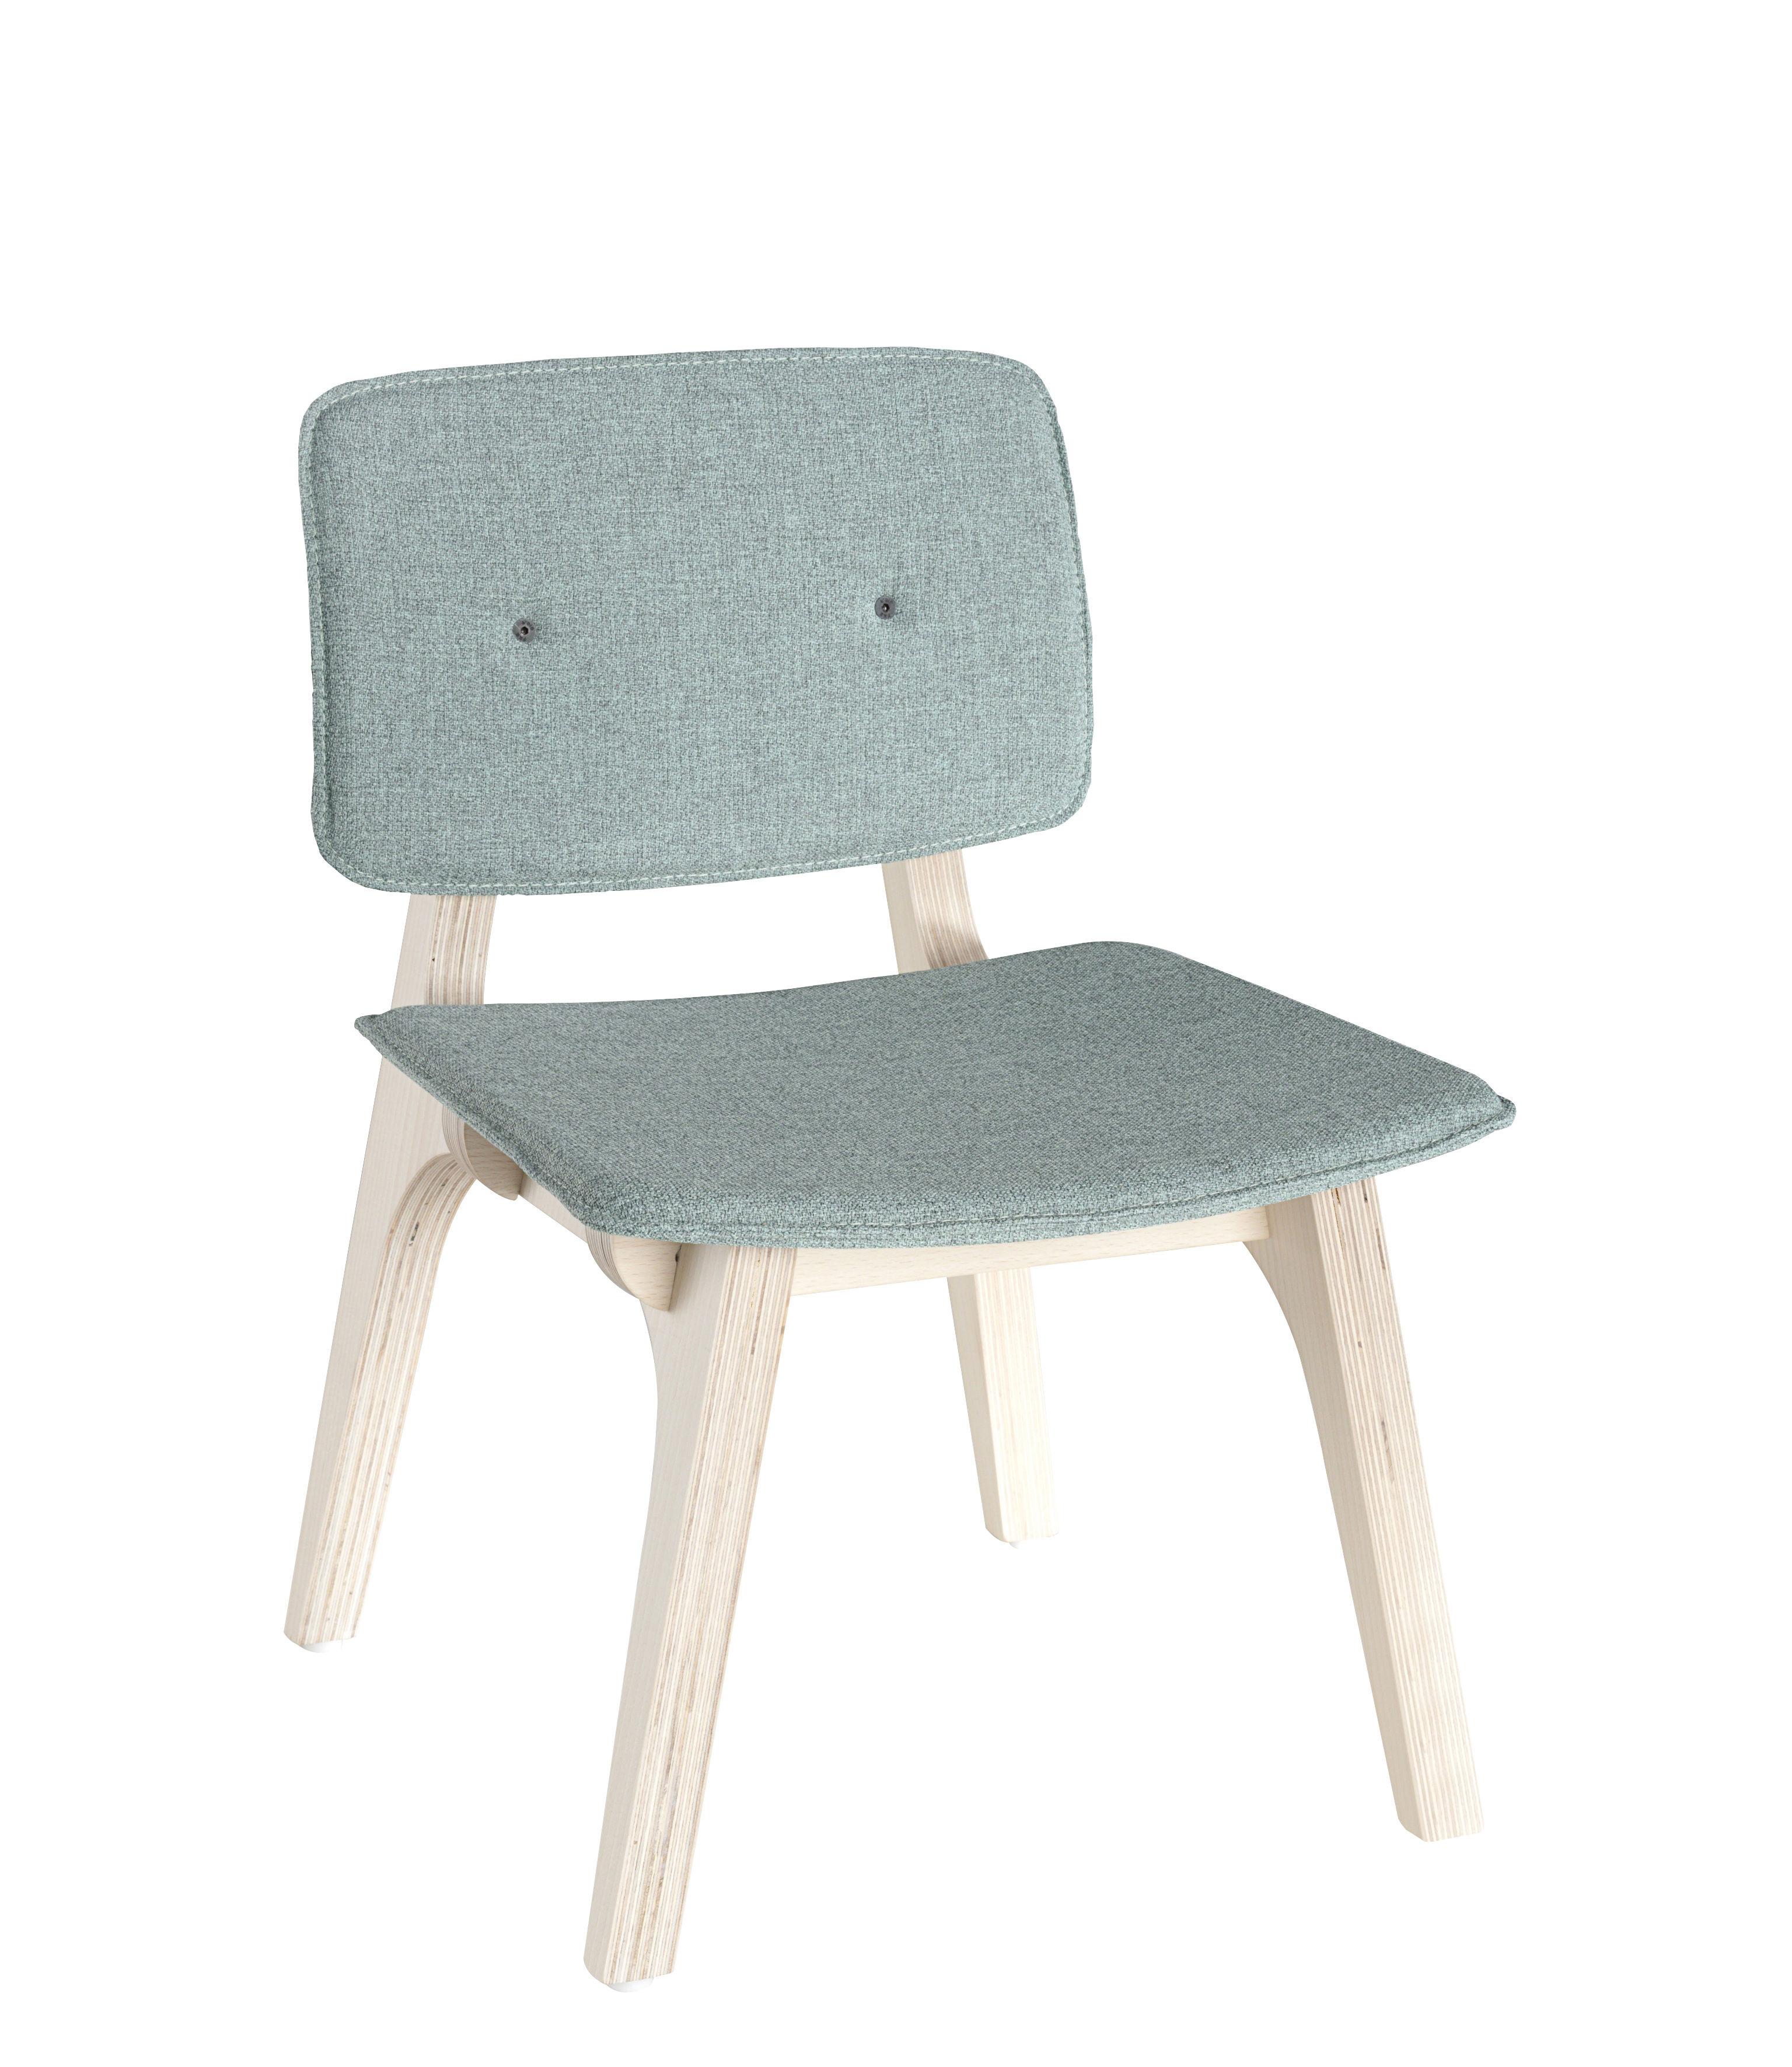 Chaise enfant mikado xs bois tissu vert menthe bois for Chaise enfant bois